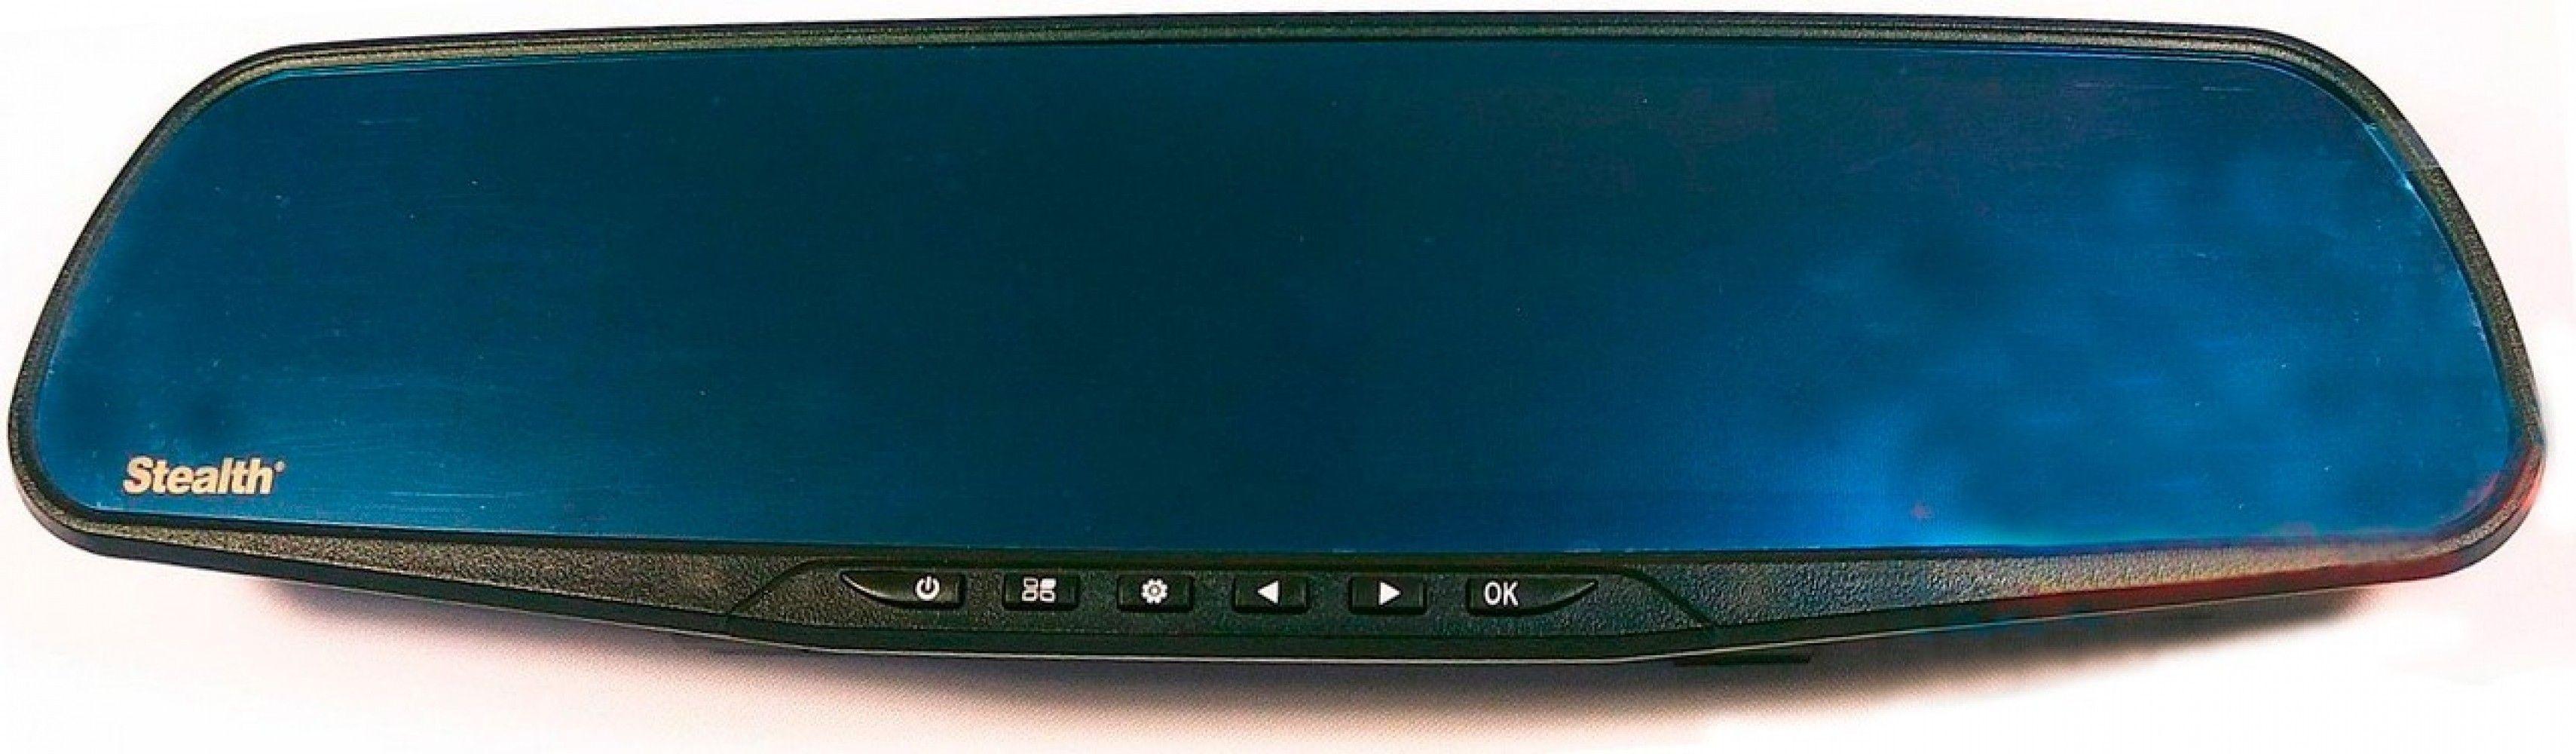 Купить Видеорегистратор Stealth DVR ST 120 (00000010900)